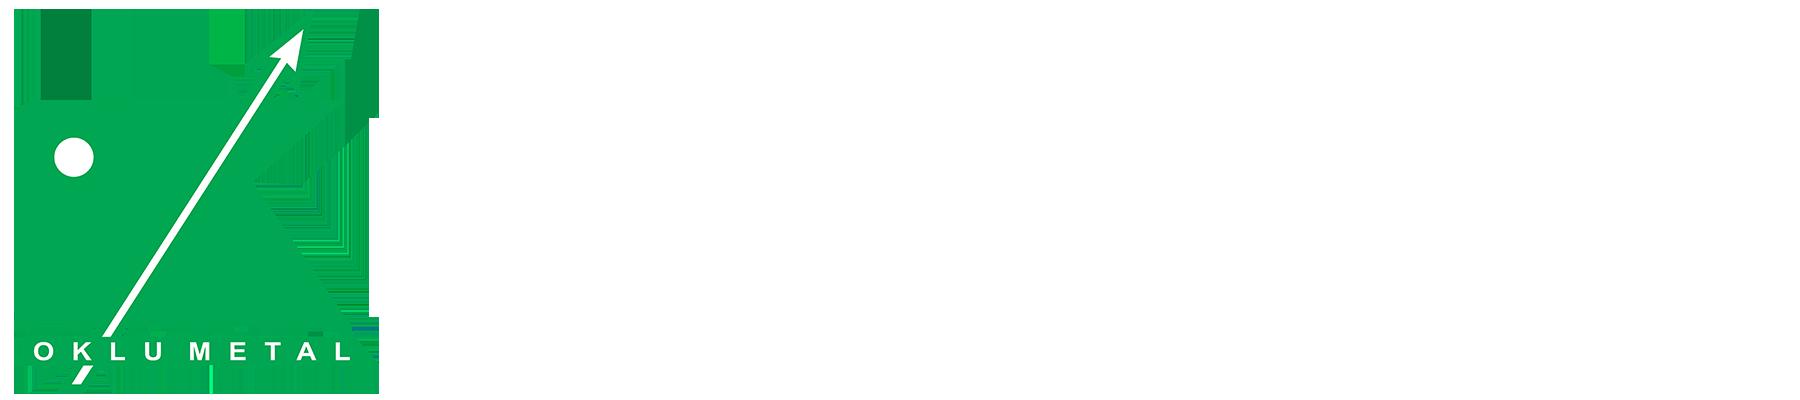 OKLU Metal Taah. Tic. Ltd. Şti.